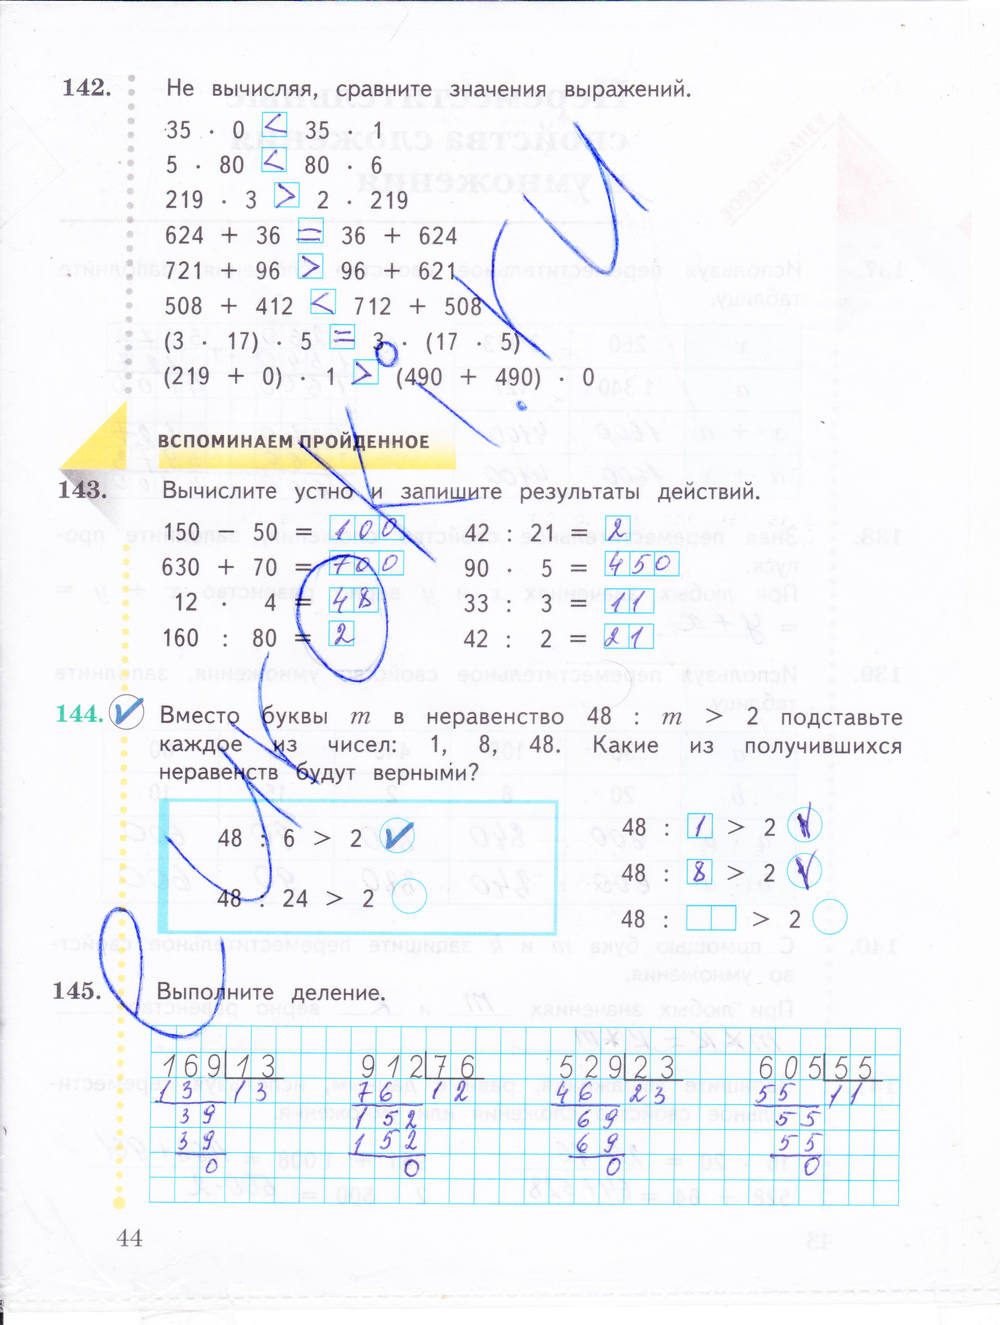 гдз по рабочей тетради математике 6 класс рудницкая 2 часть